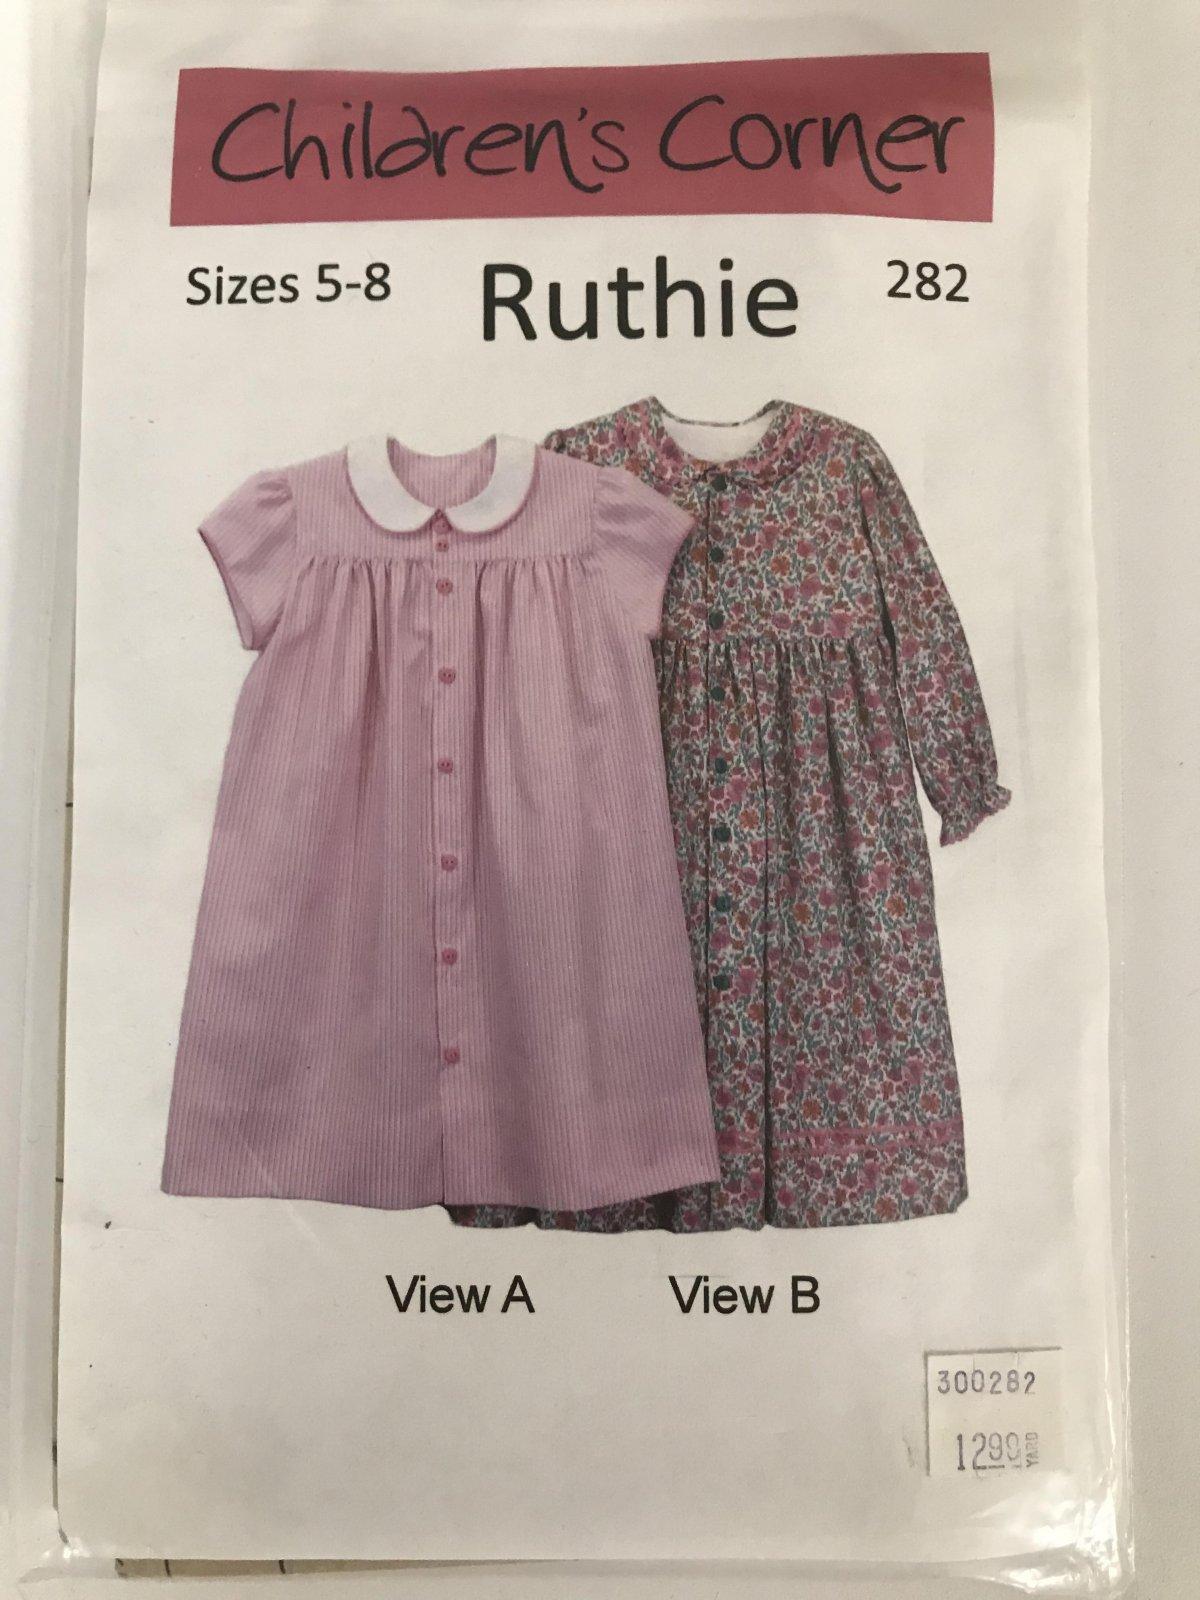 CHILDREN'S CORNER RUTHIE